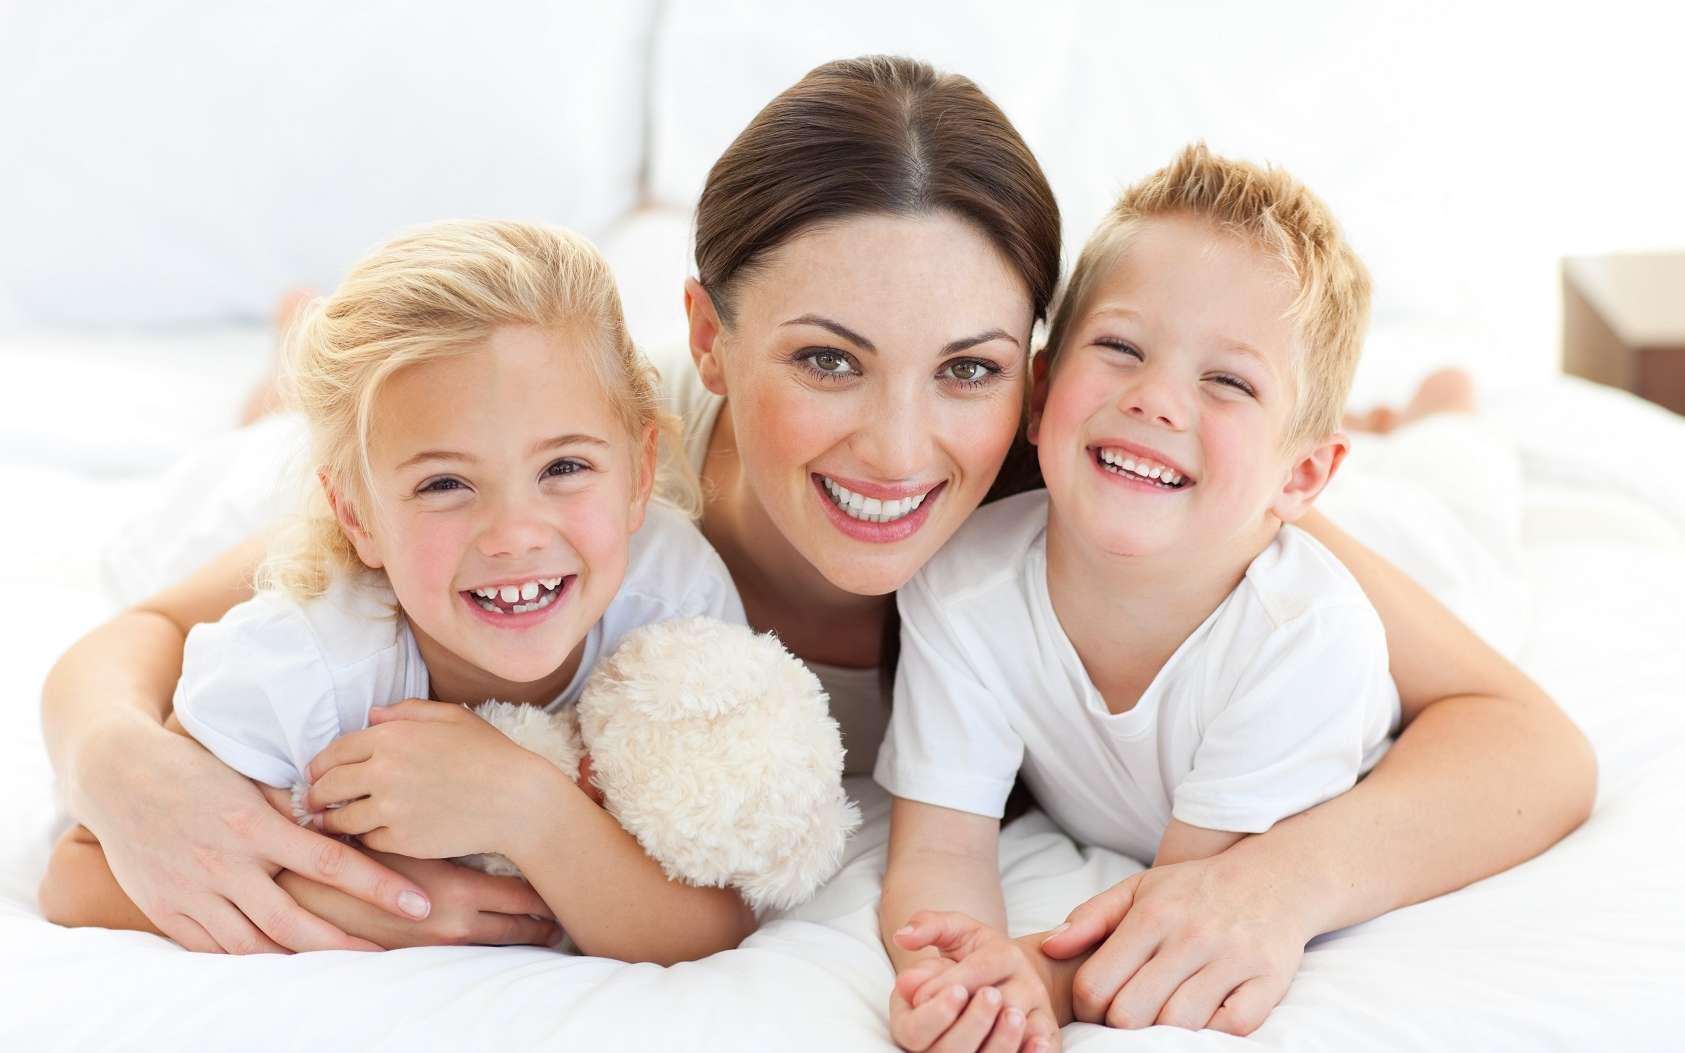 Plus une femme a d'enfants, plus ses télomères sont longs et plus son vieillissement cellulaire est ralenti. © wavebreakmedia, Shutterstock